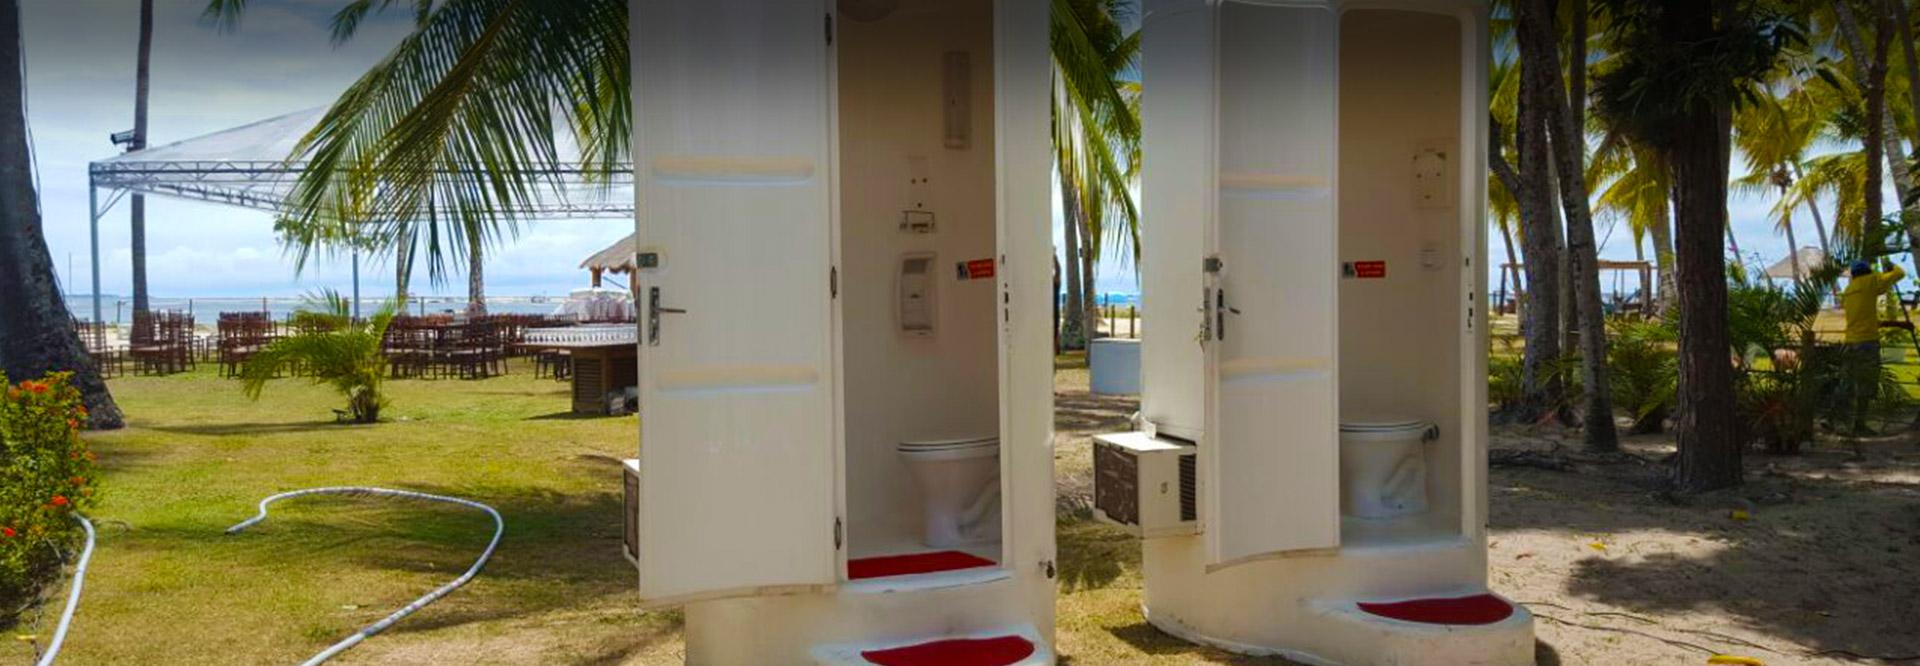 Banheiros de Luxo exclusivos para seu evento